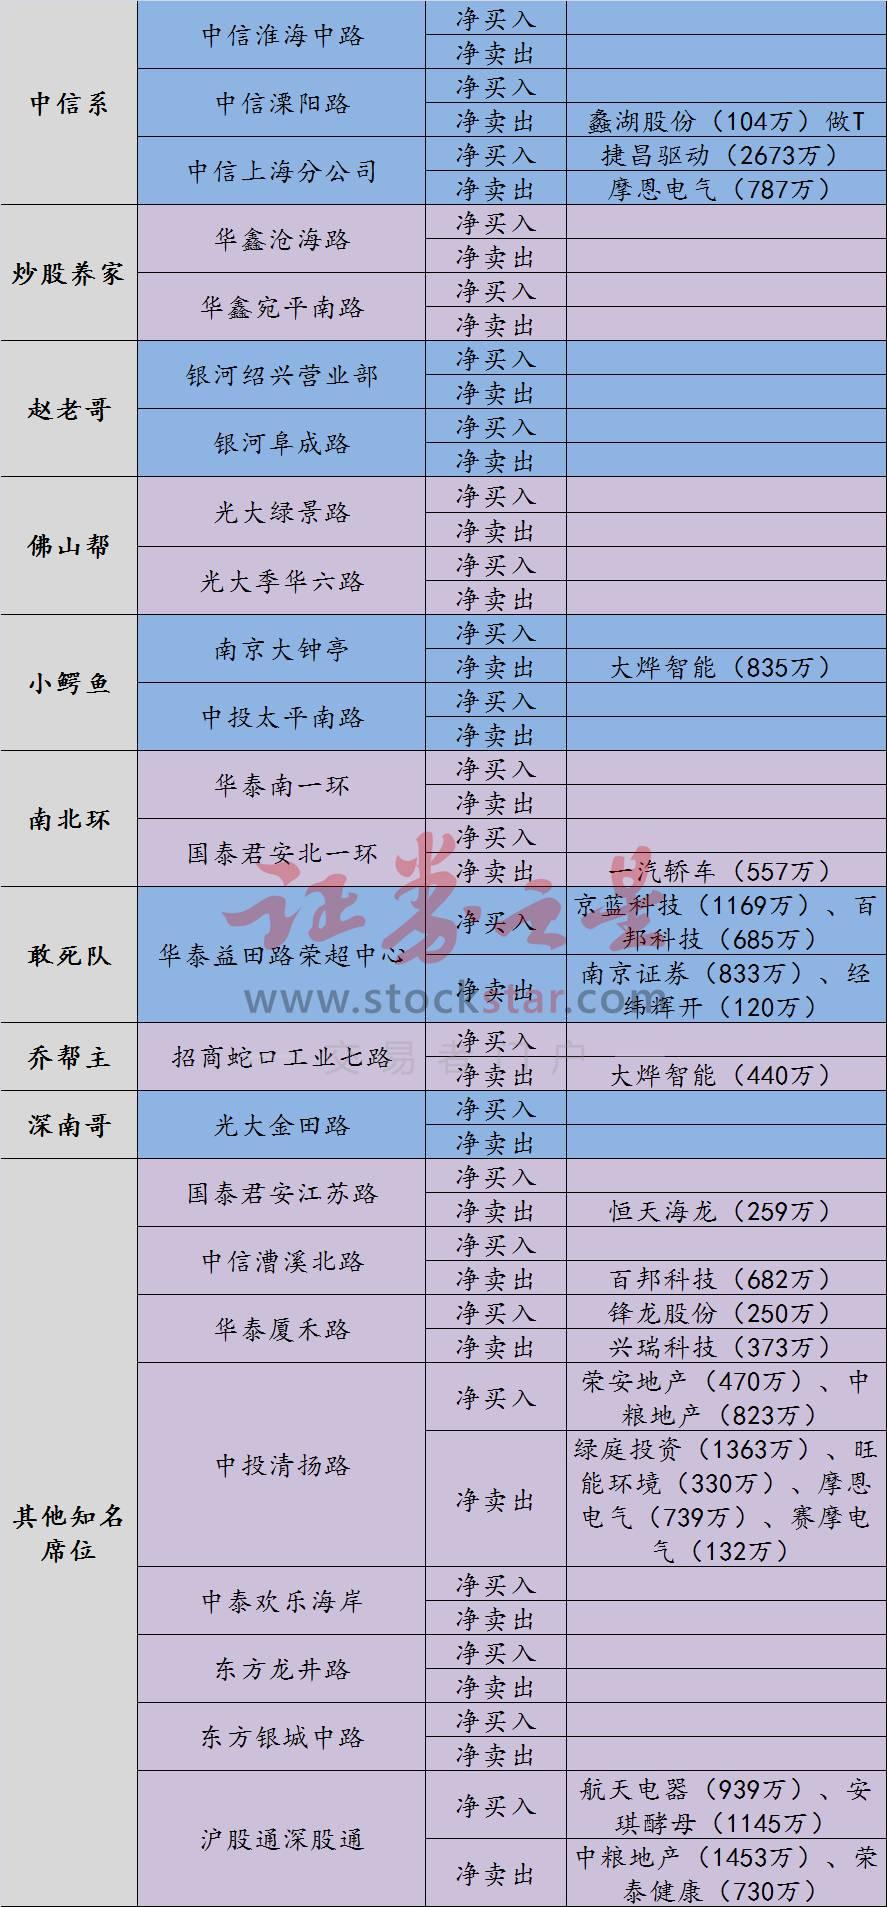 龙虎榜:宁德时代大跌机构现分歧中信上海分公司超2600万买一股